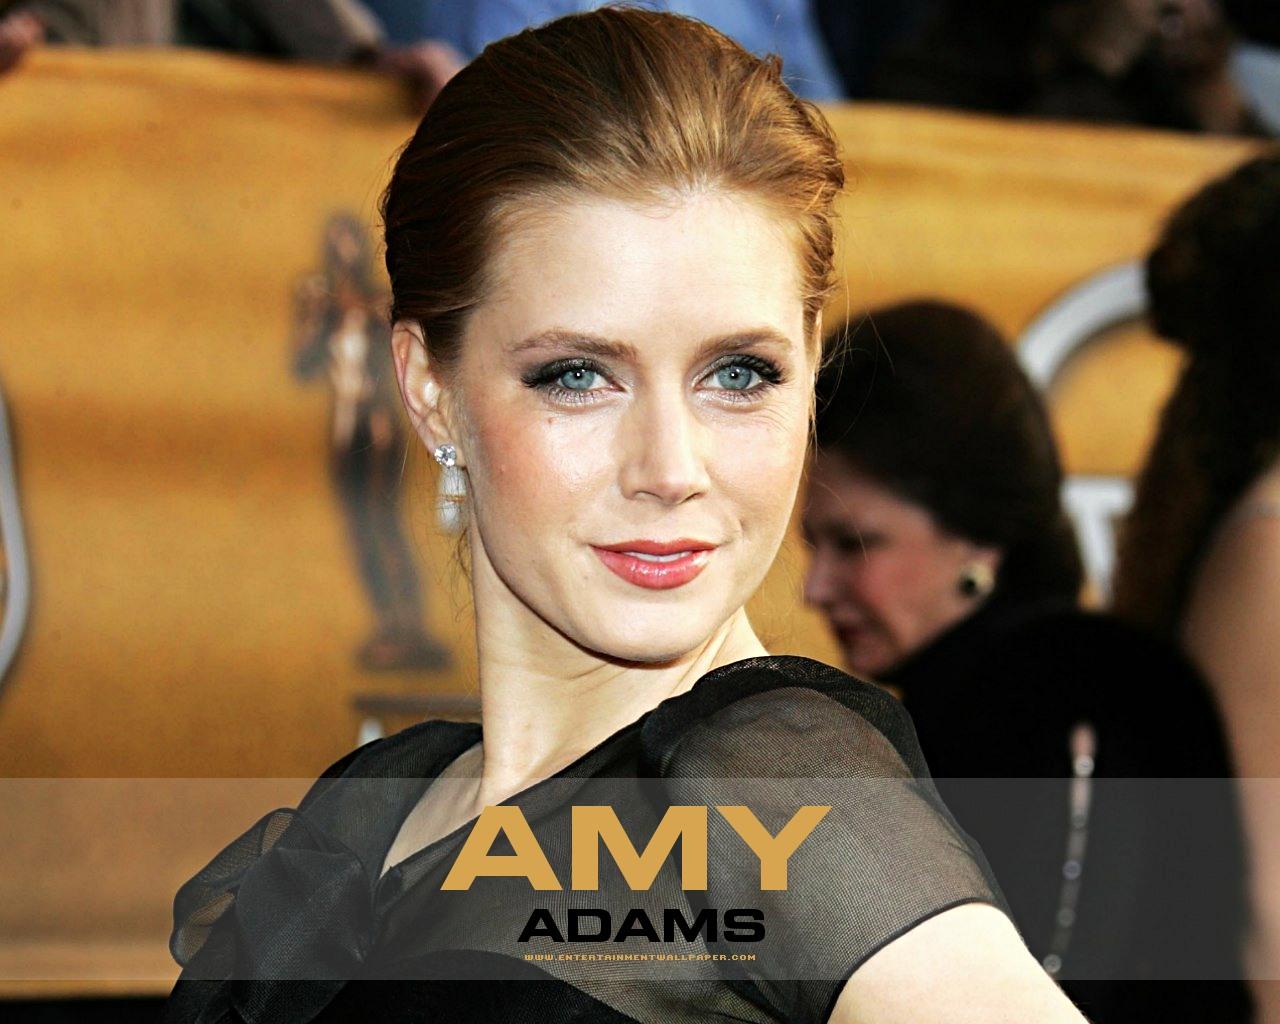 Amy Adams Filmes E Programas De Tv amy adams - shoow